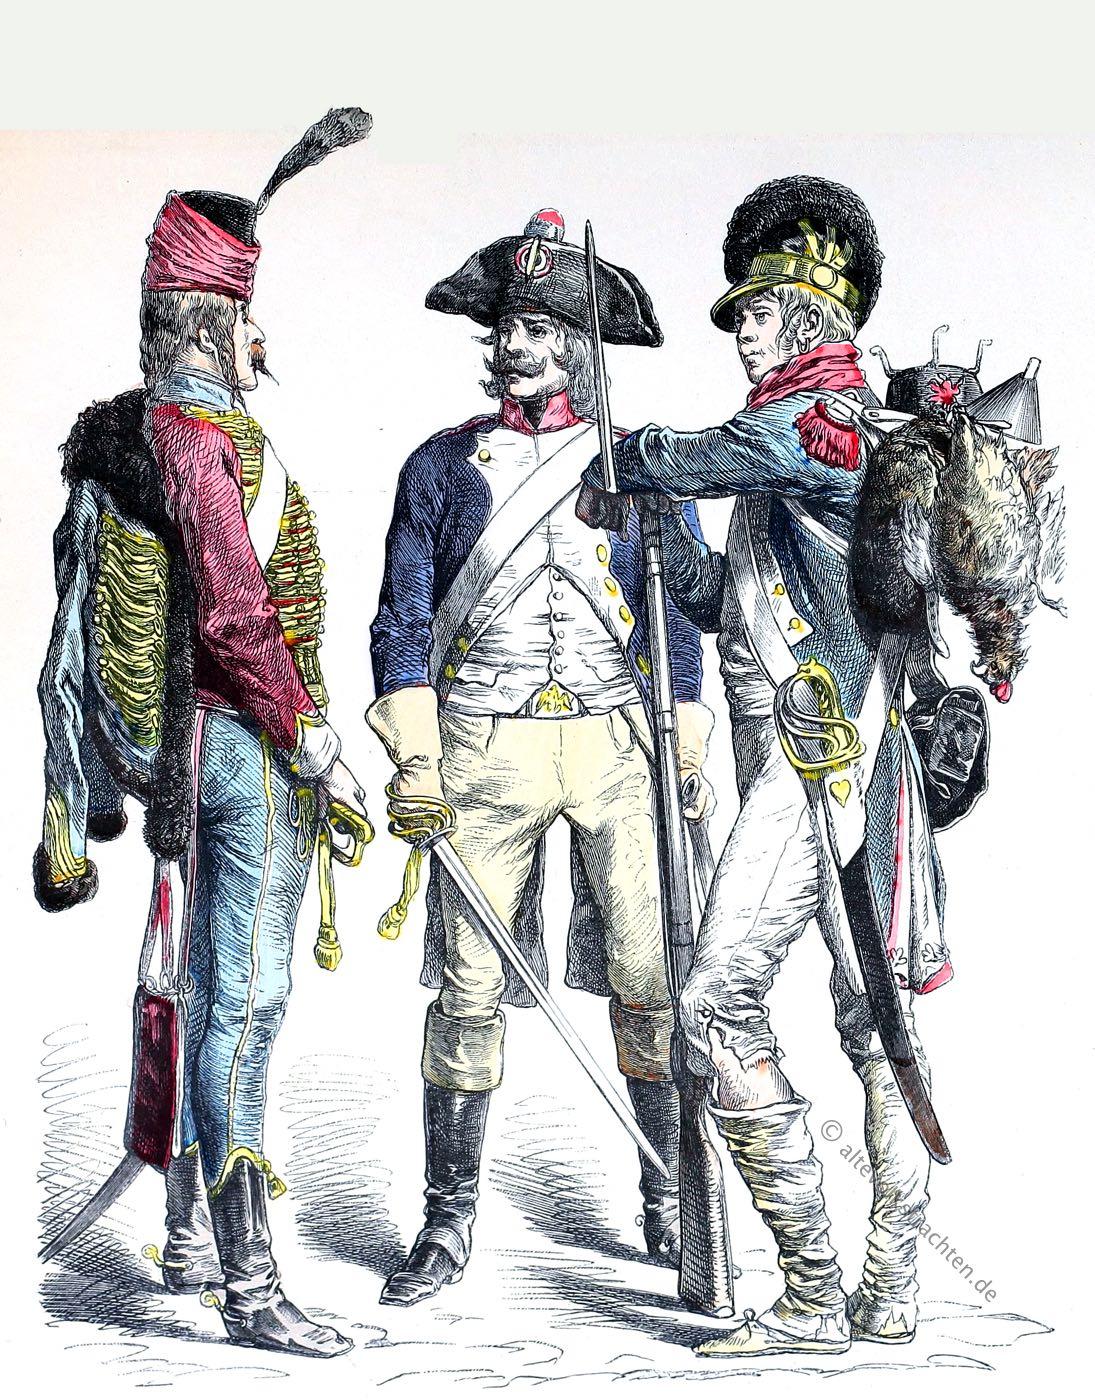 Münchener Bilderbogen, Husar, Linienkavallerie, Infanterie, Militär, Uniformen, Frankreich, Revolutionsarmee